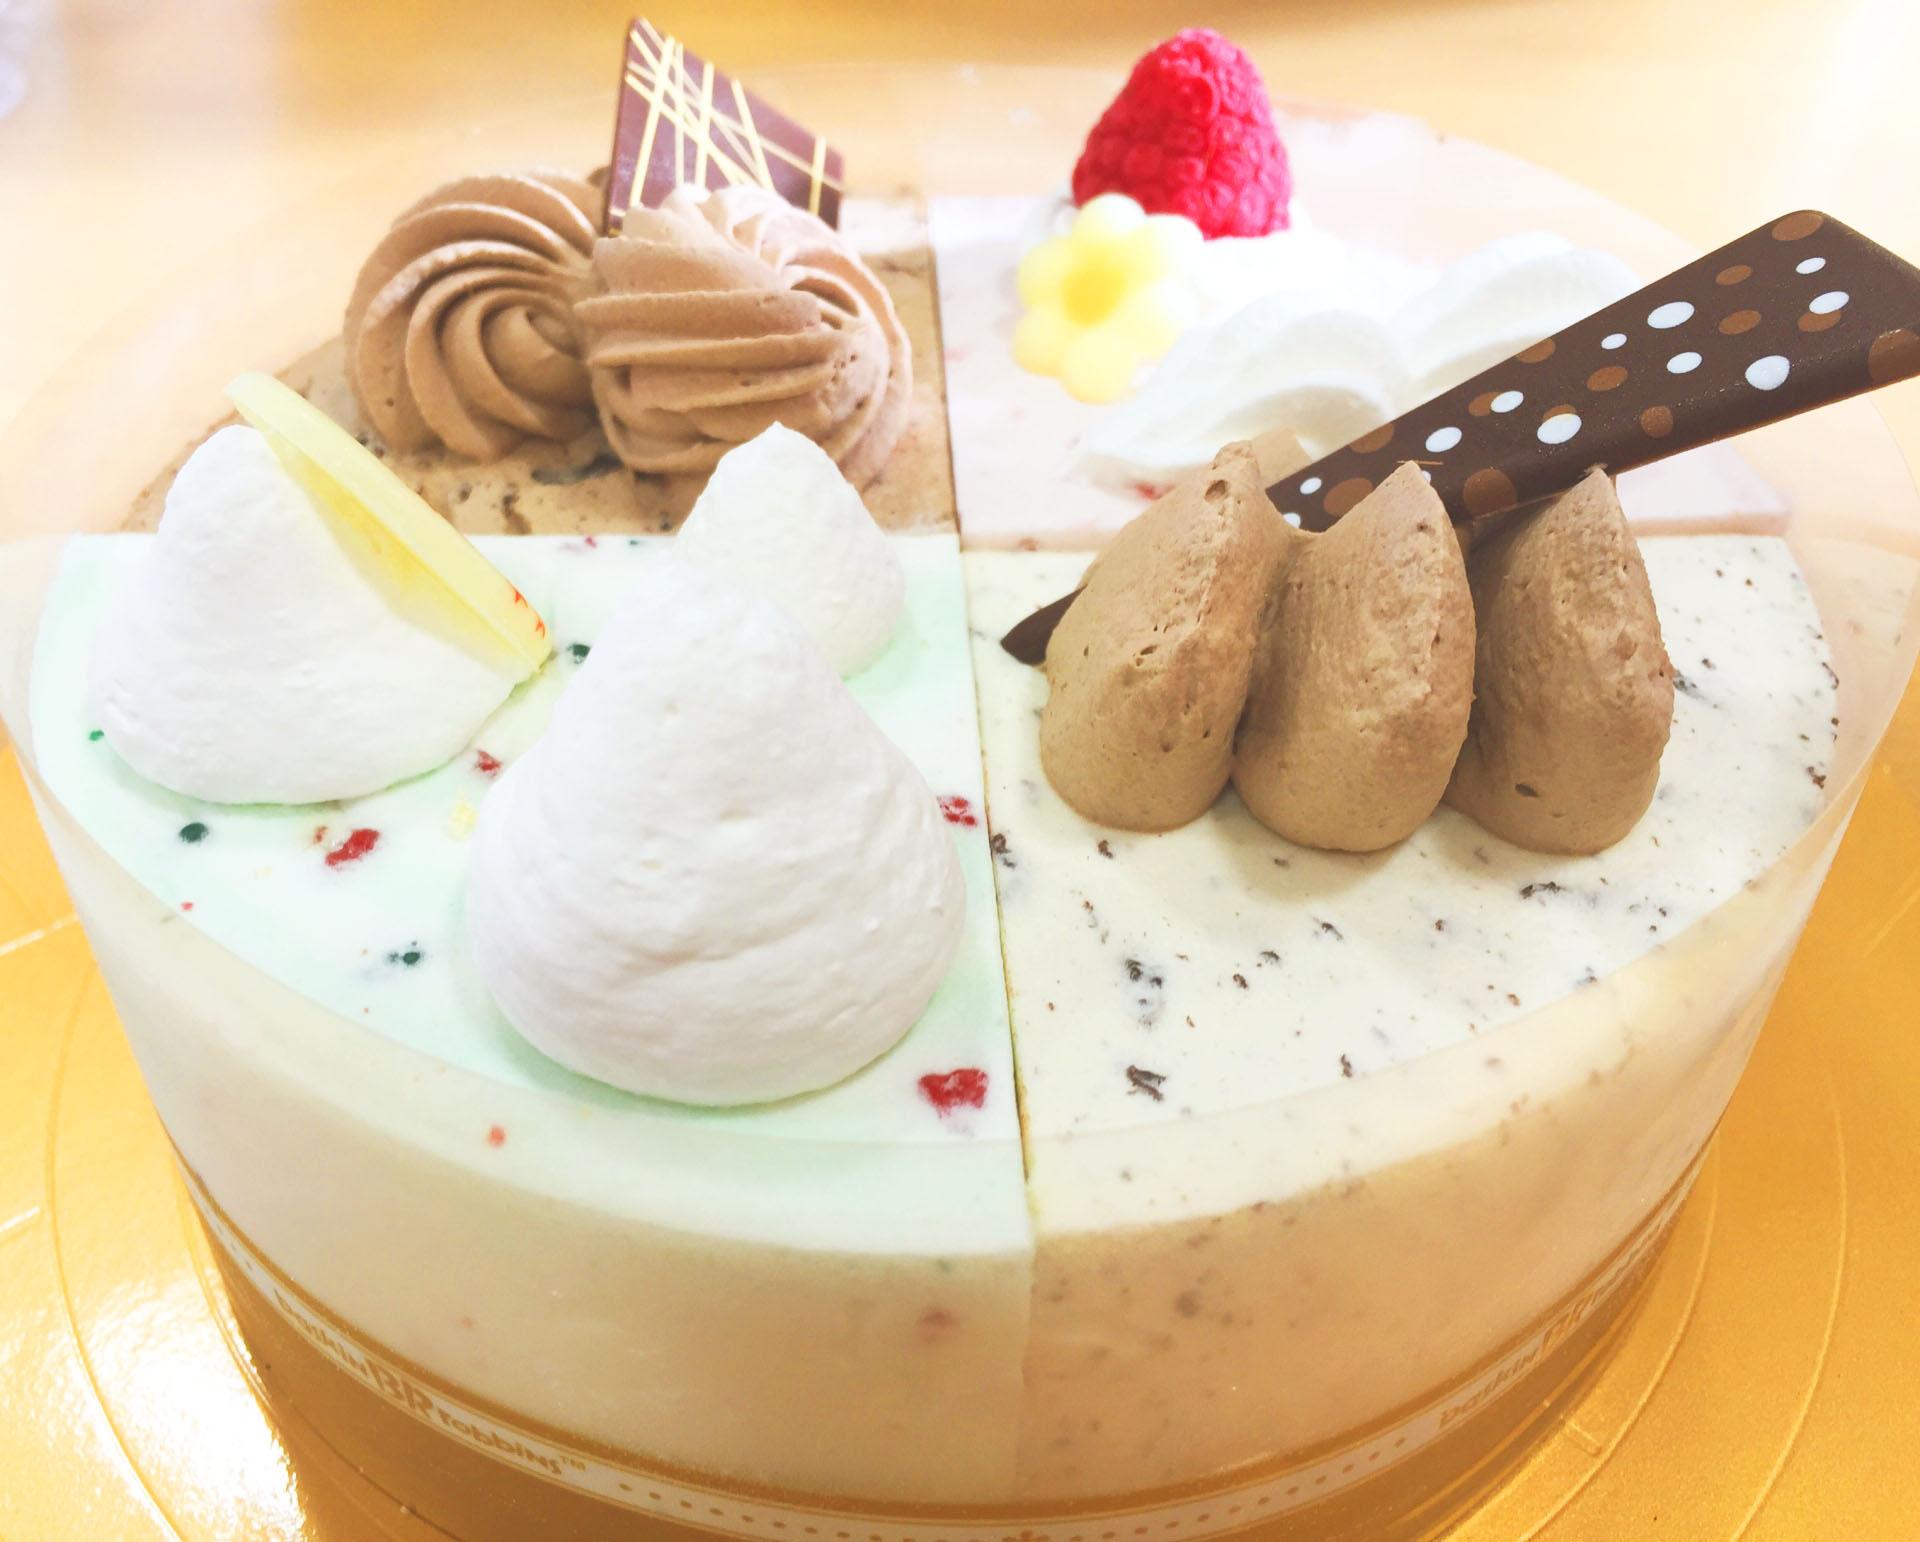 サーティワン アイス ケーキ 値段 2020